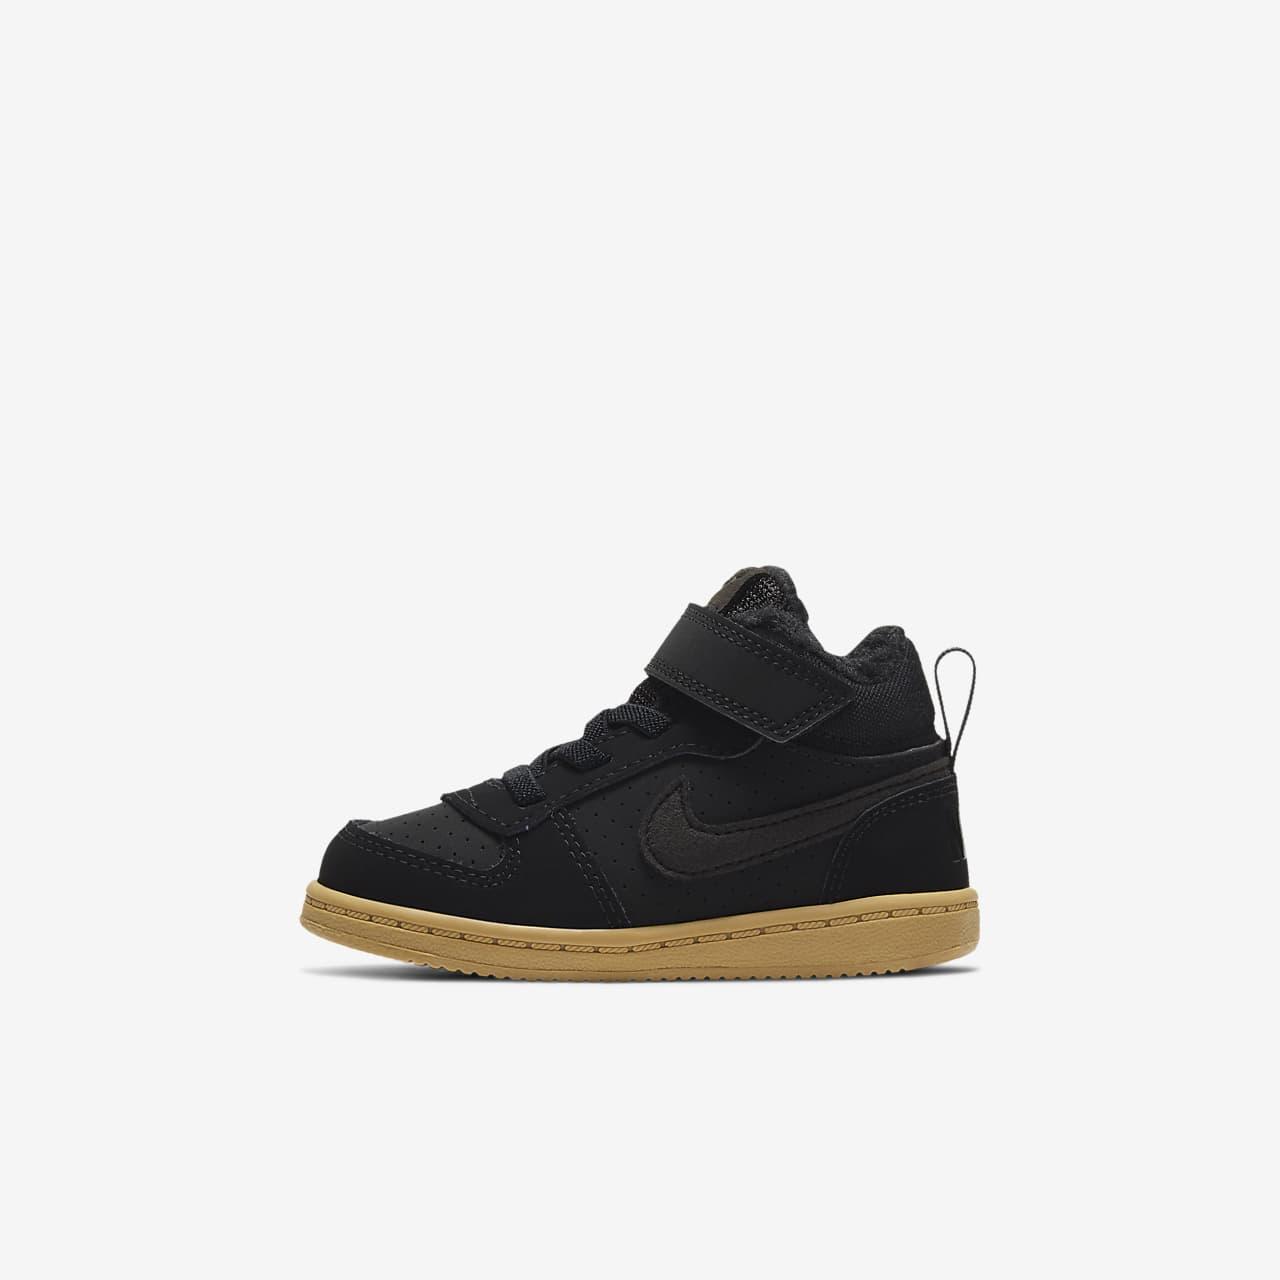 sports shoes 462c2 8564f Calzado para bebé e infantil Nike Court Borough Mid Winter